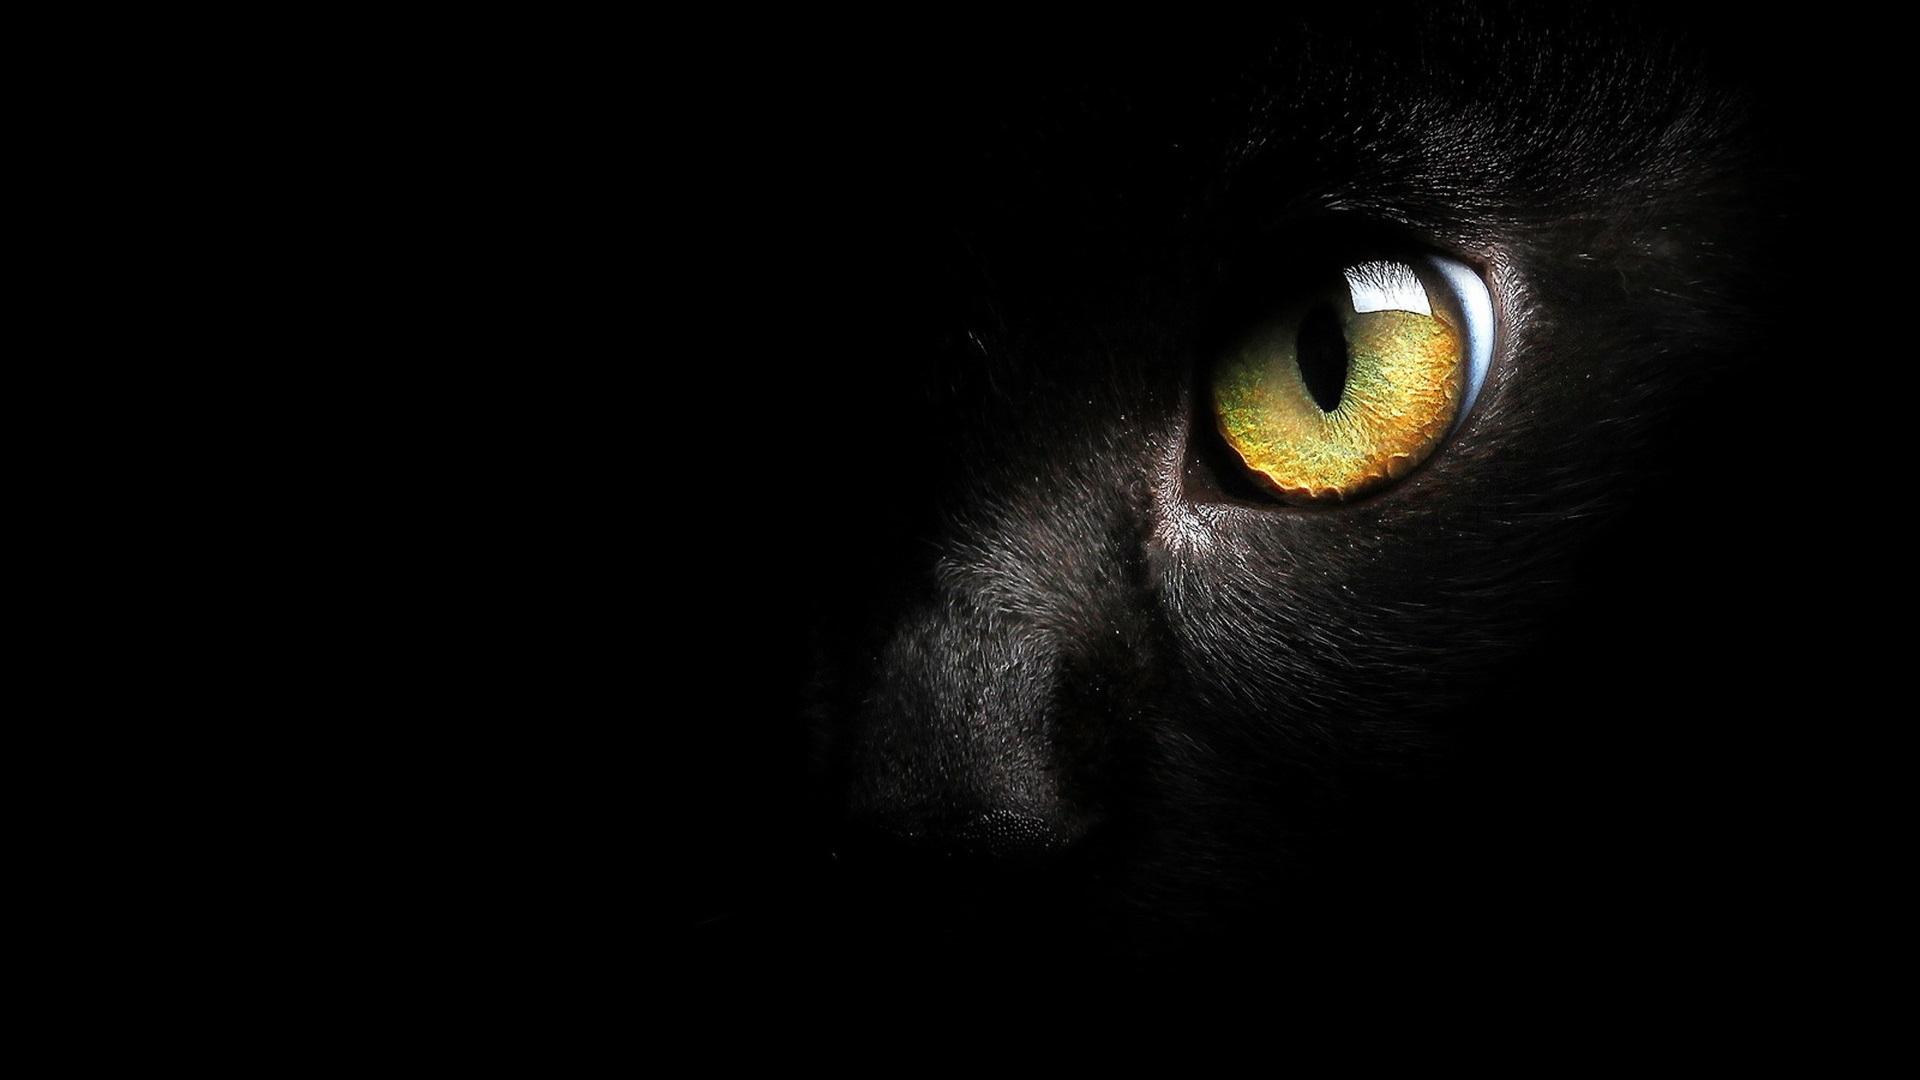 Fondos De Pantalla Cara De Gato Negro, Ojo Amarillo